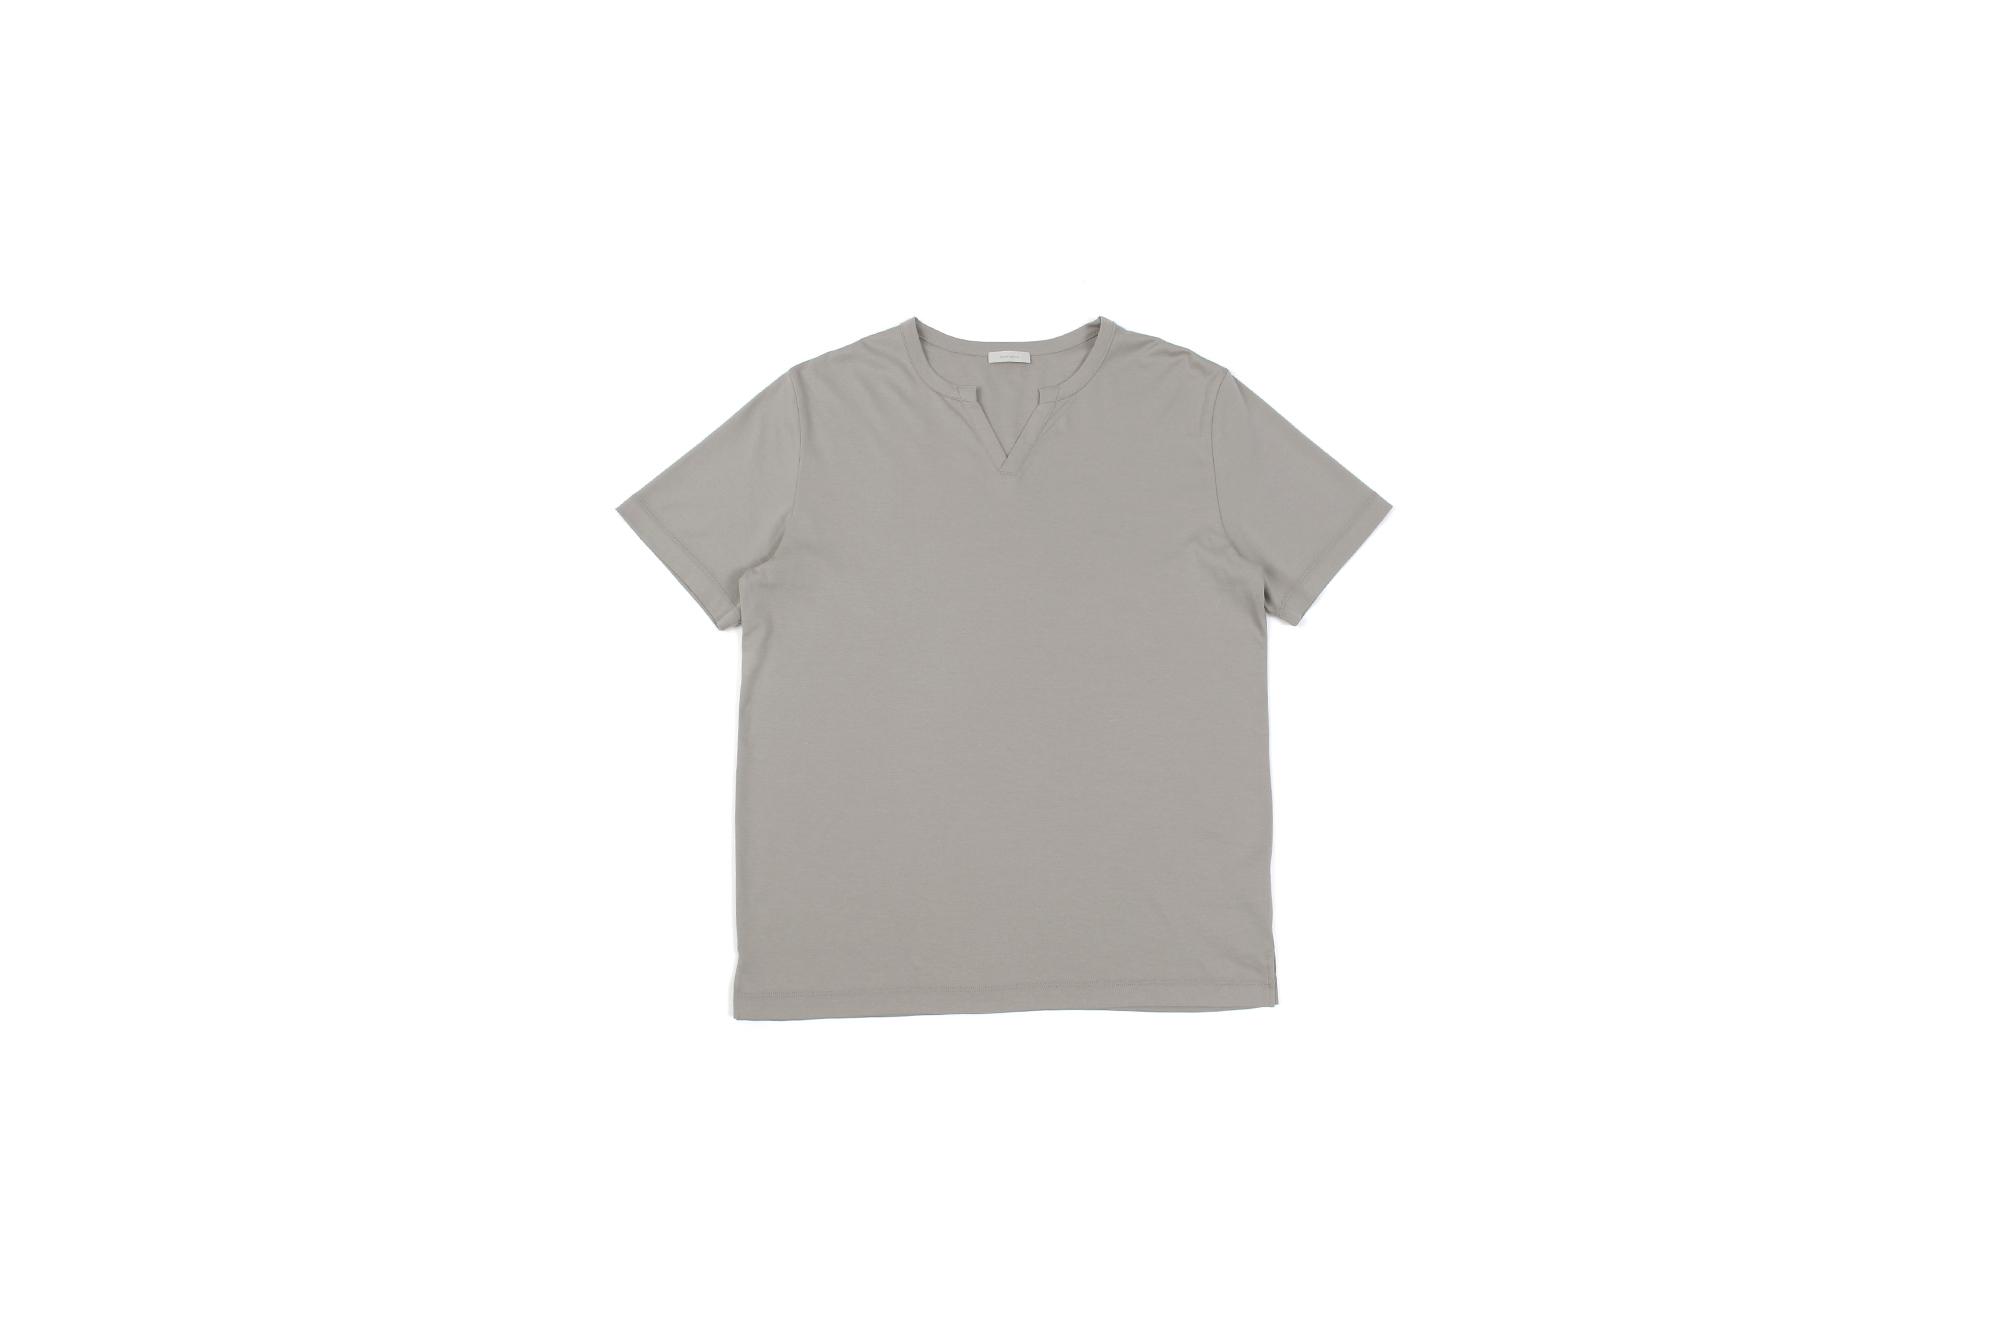 nomiamo (ノミアモ) SUPIMA 80/1 Key Neck T-shirt スーピマコットン キーネック Tシャツ GREGE (グレージュ) 2021 春夏 【Alto e Diritto別注】【Special限定モデル】【ご予約受付中】 愛知 名古屋 Altoediritto アルトエデリット カットソー 半袖Tシャツ